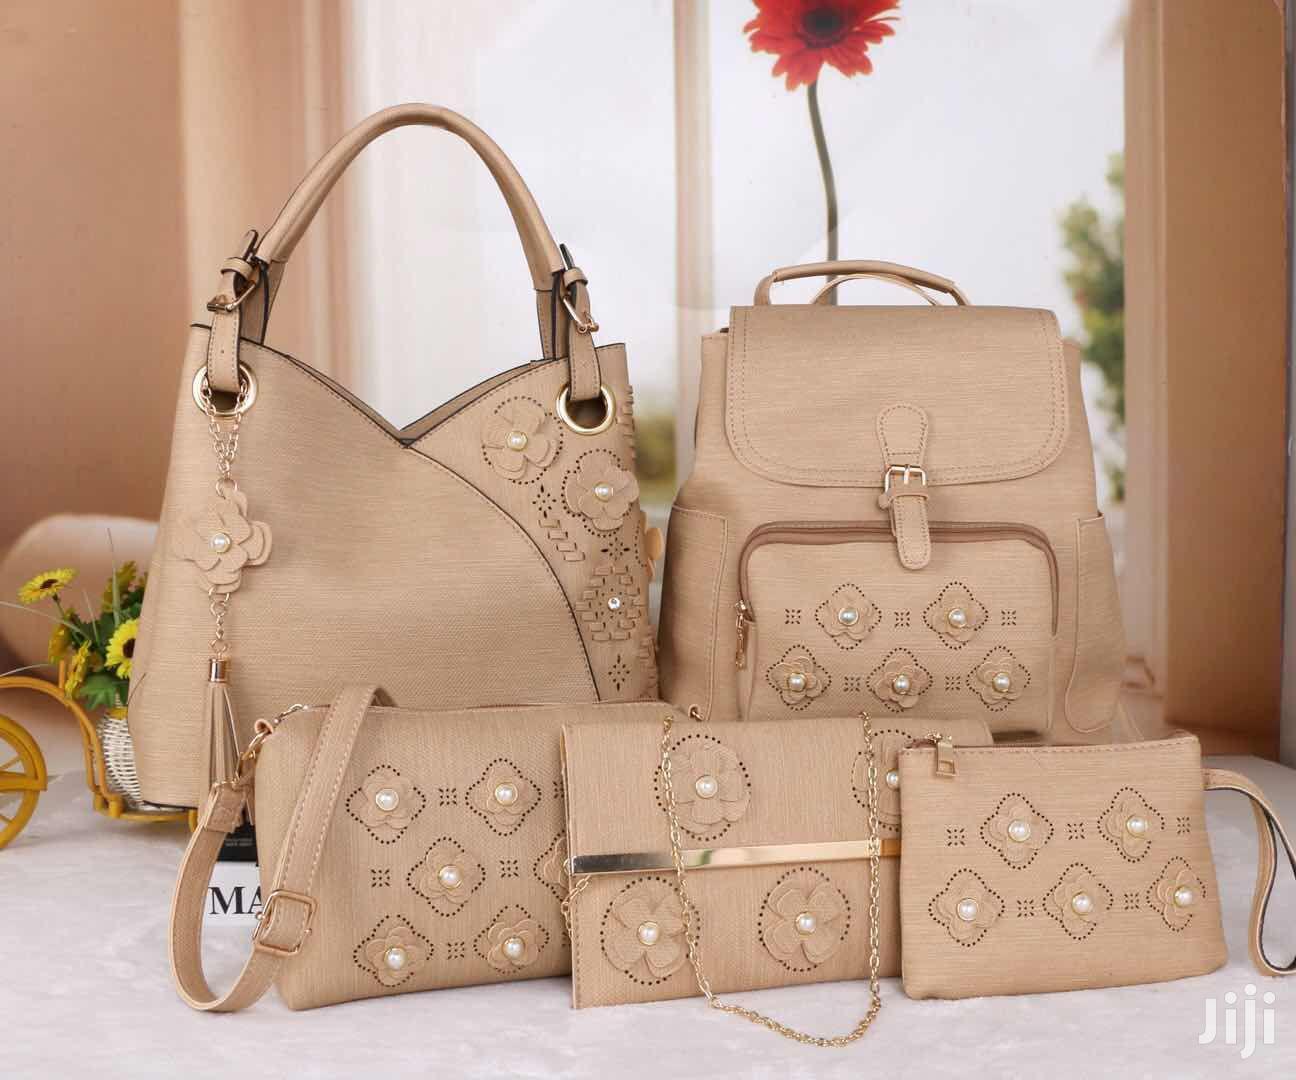 5 in 1 Handbag.